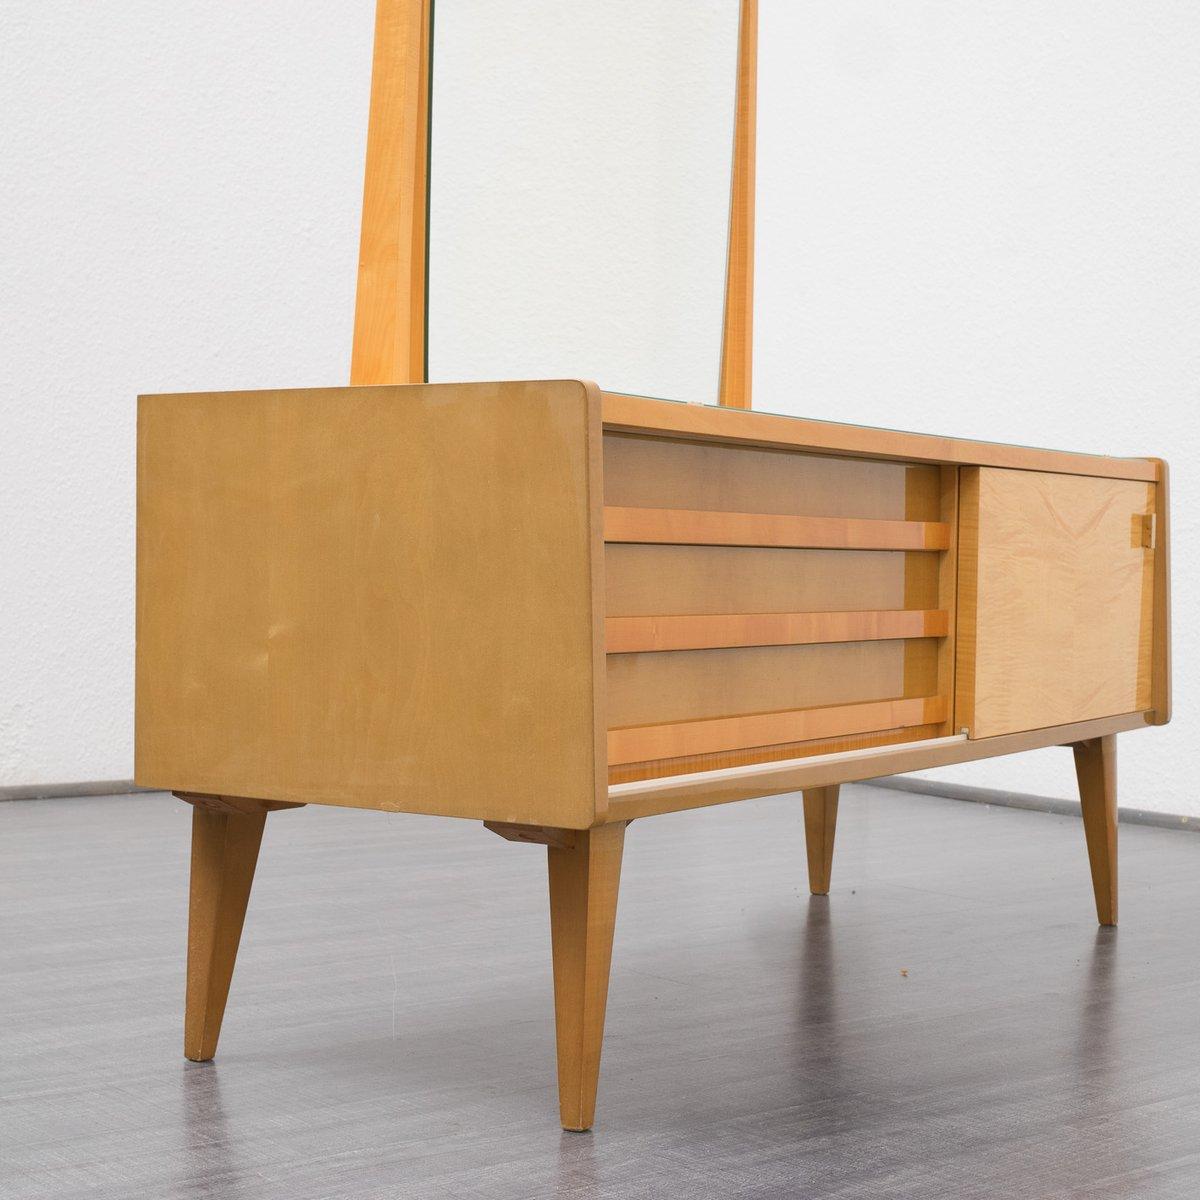 verspiegelte vintage kommode mit ahornfurnier bei pamono. Black Bedroom Furniture Sets. Home Design Ideas